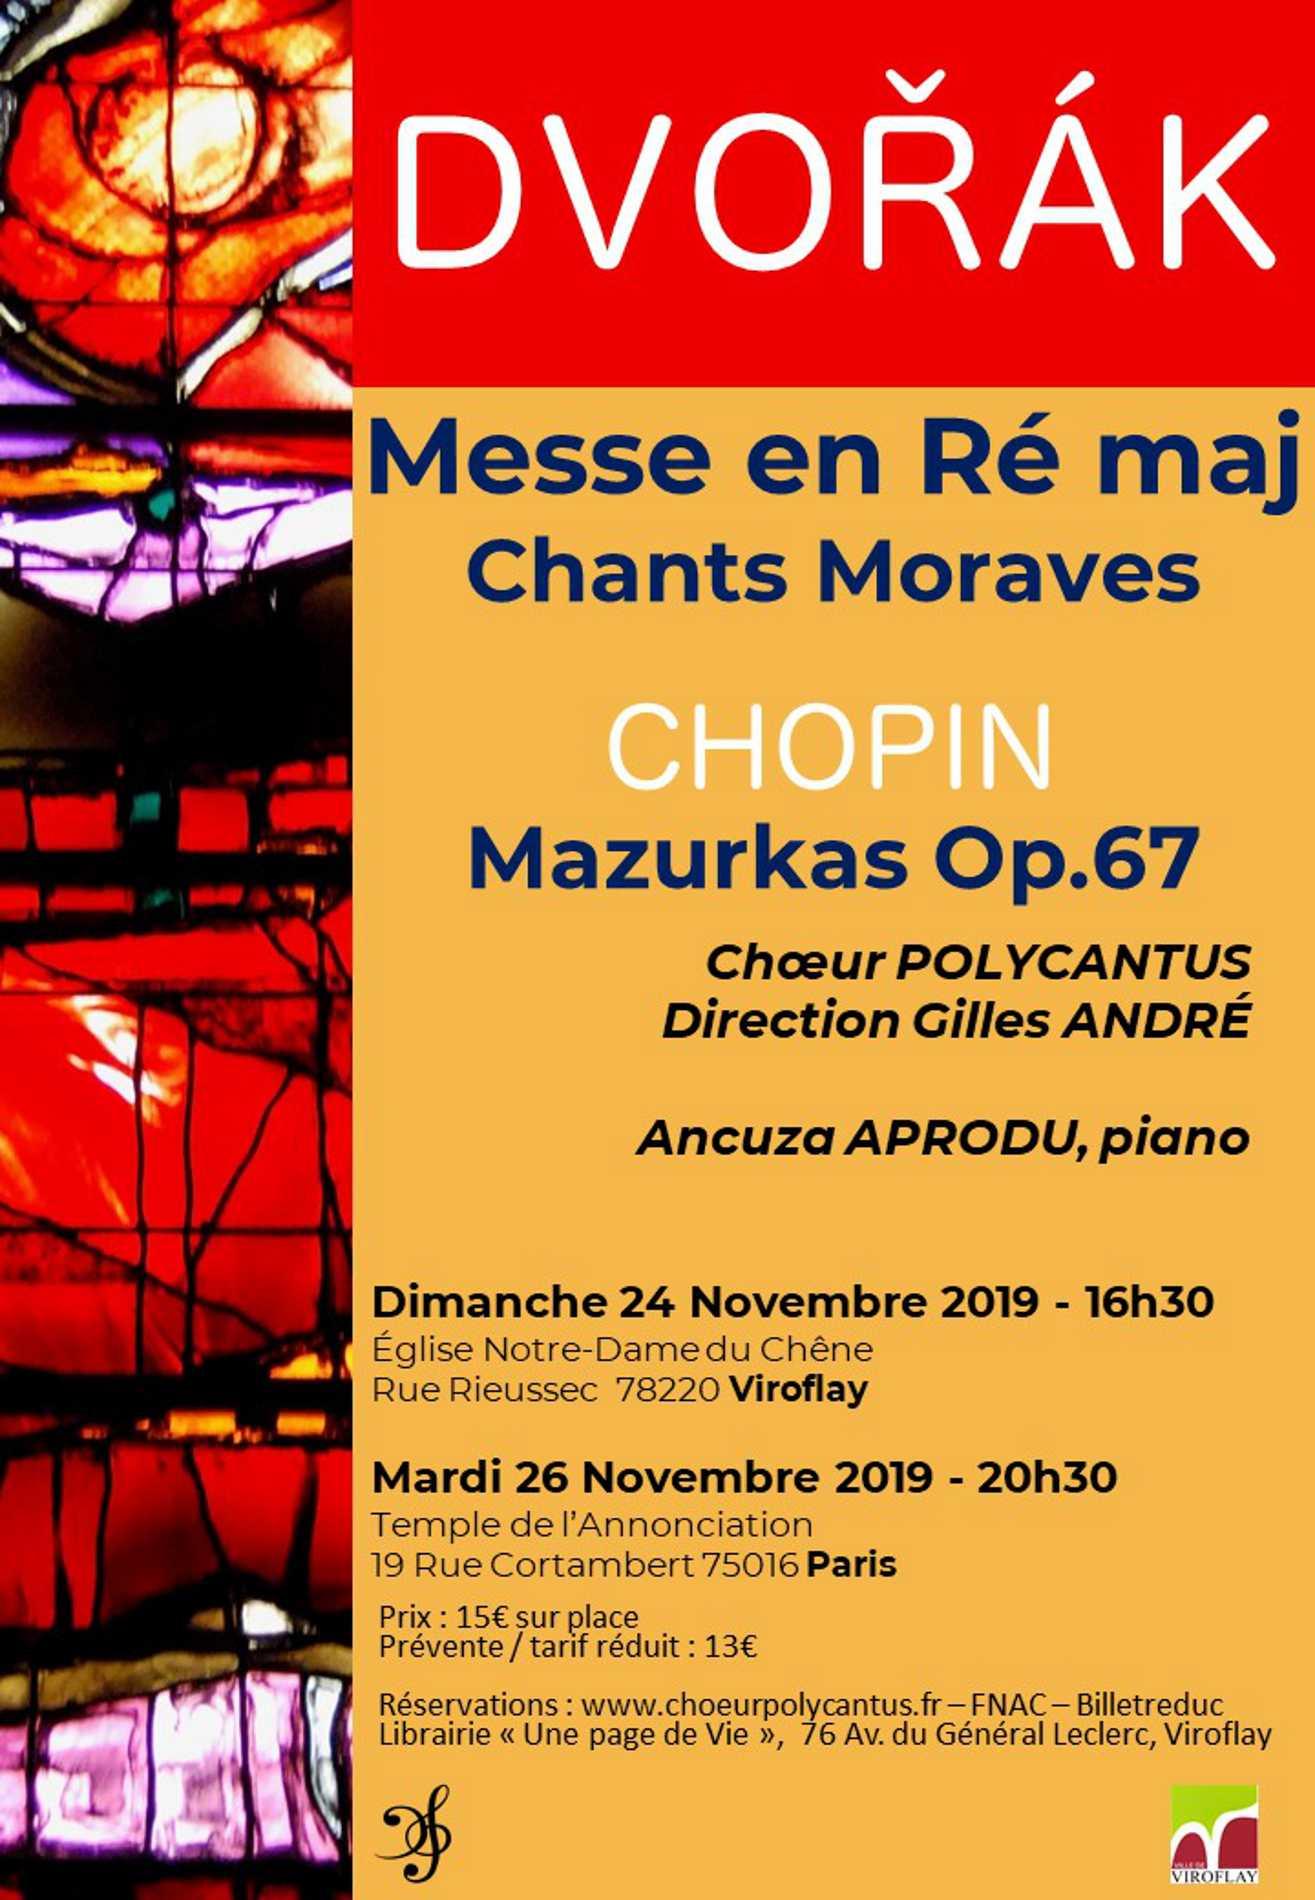 Concert messe en ré Dvorak - Viroflay et Paris